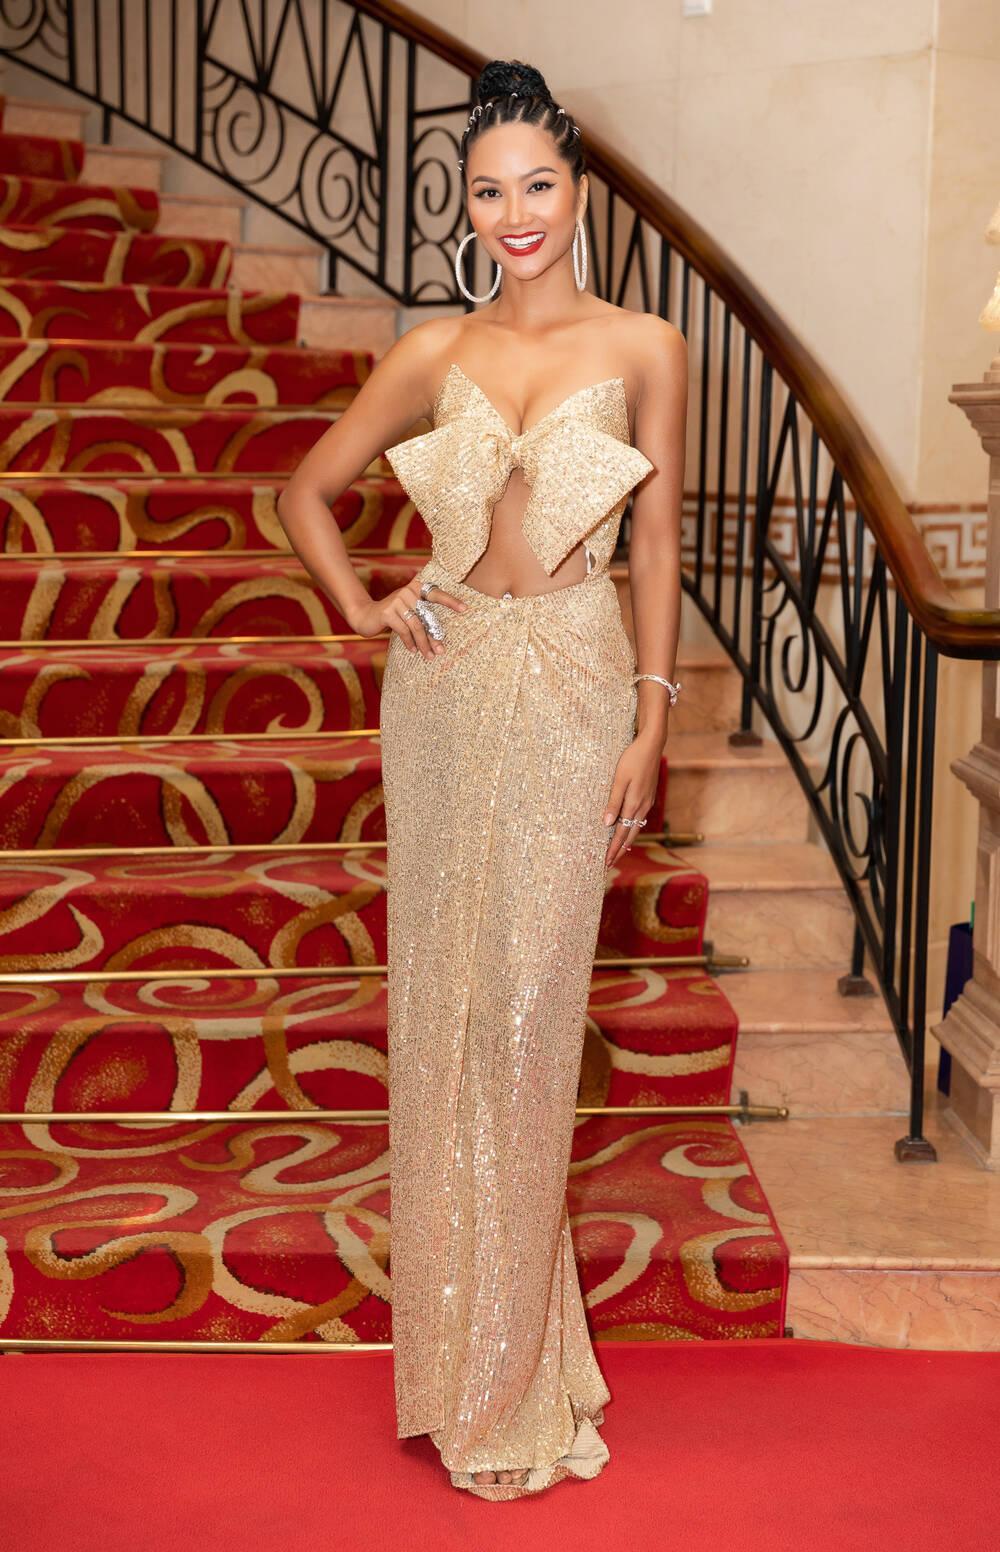 H'Hen Niê mặc lại bikini giật vương miện 4 năm trước: Tiết lộ tăng cân nhưng body chuẩn tỷ lệ vàng Ảnh 8